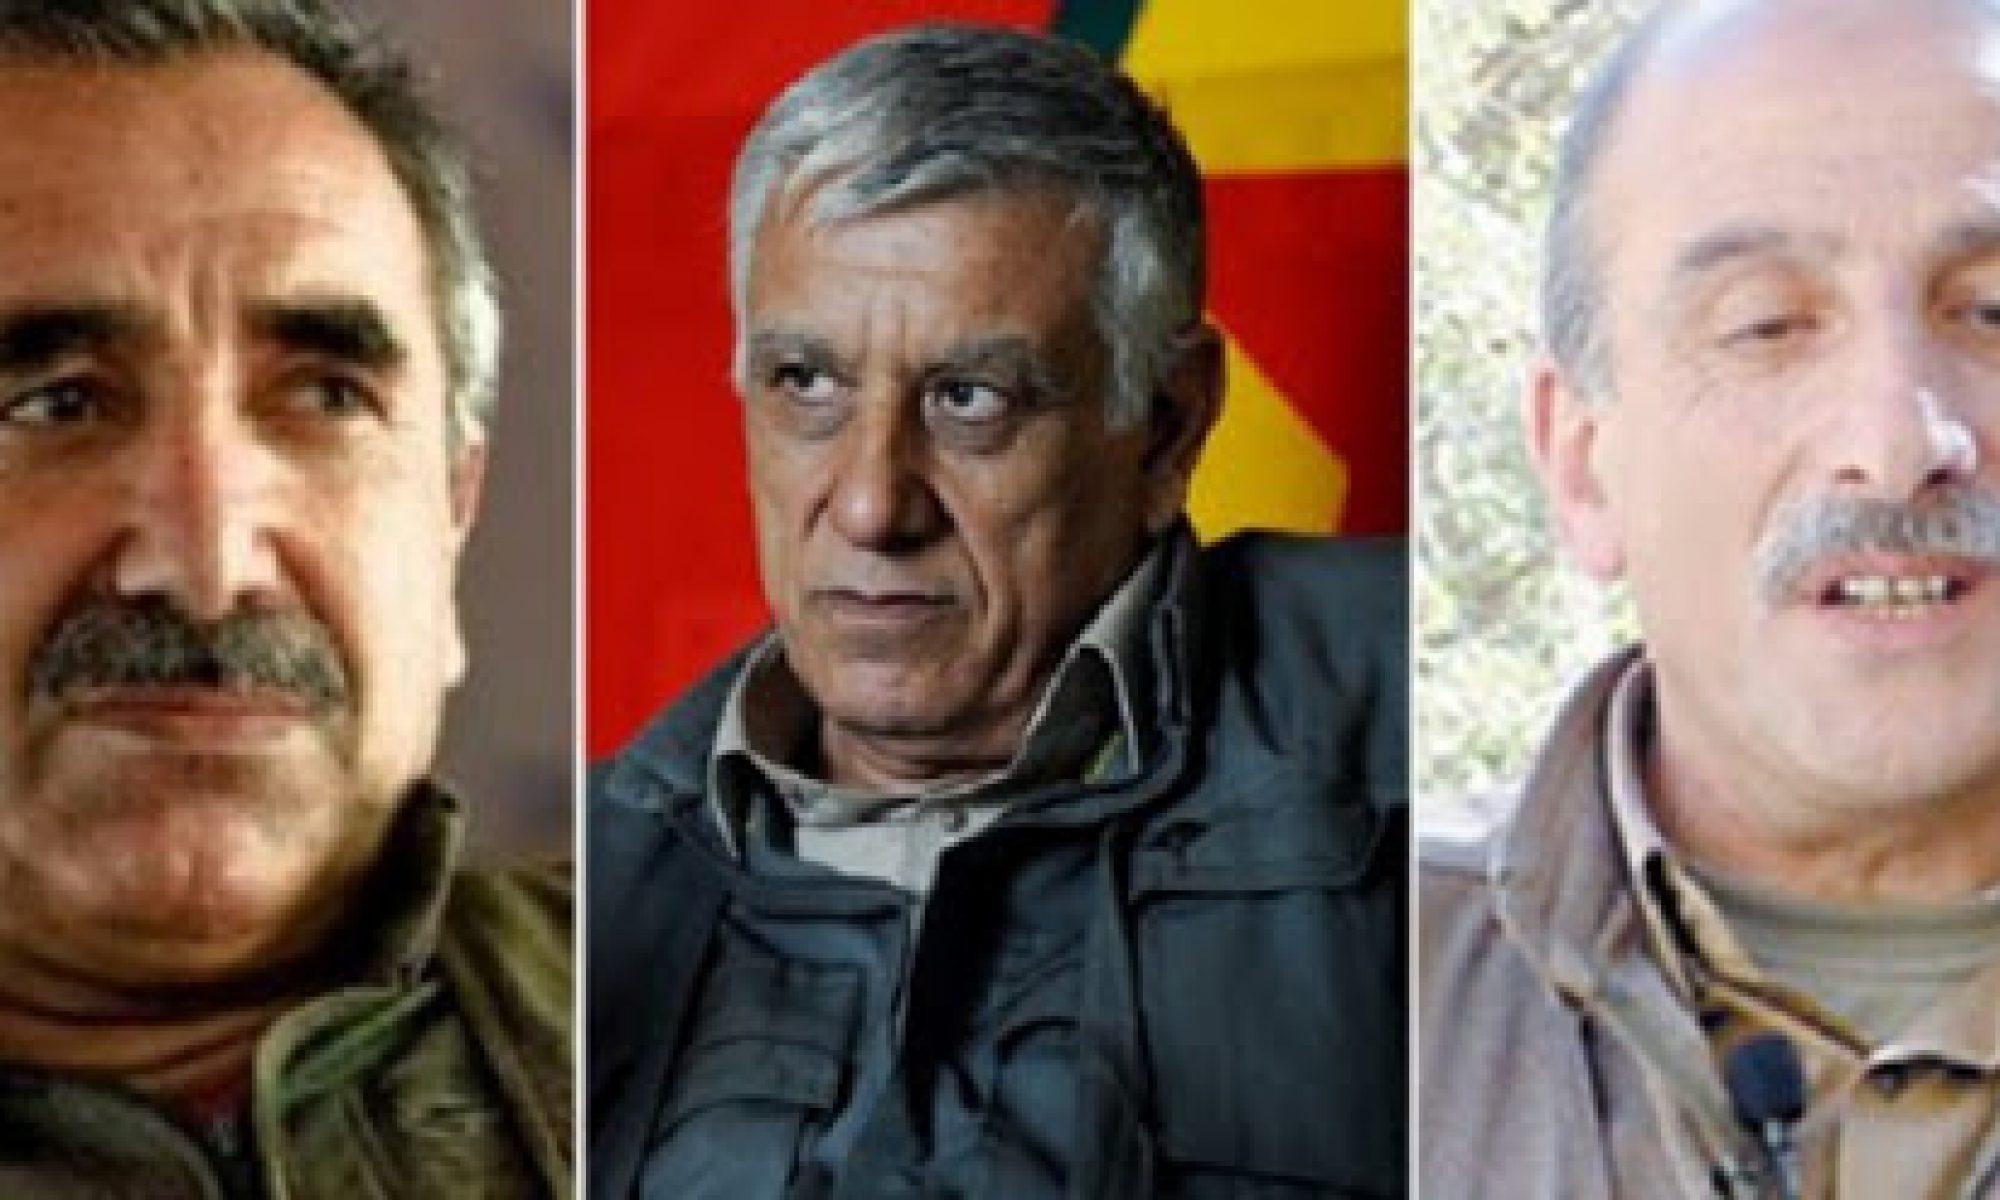 PKK'liler üzülecek ama!..., Ankara gurubu, KCK, lejyoner, iran, itlaat, MİT, Öcalan, Cemil Bayık, Murat Karayılan, Kürdistan Bölgesel Yönetimi, Barzani